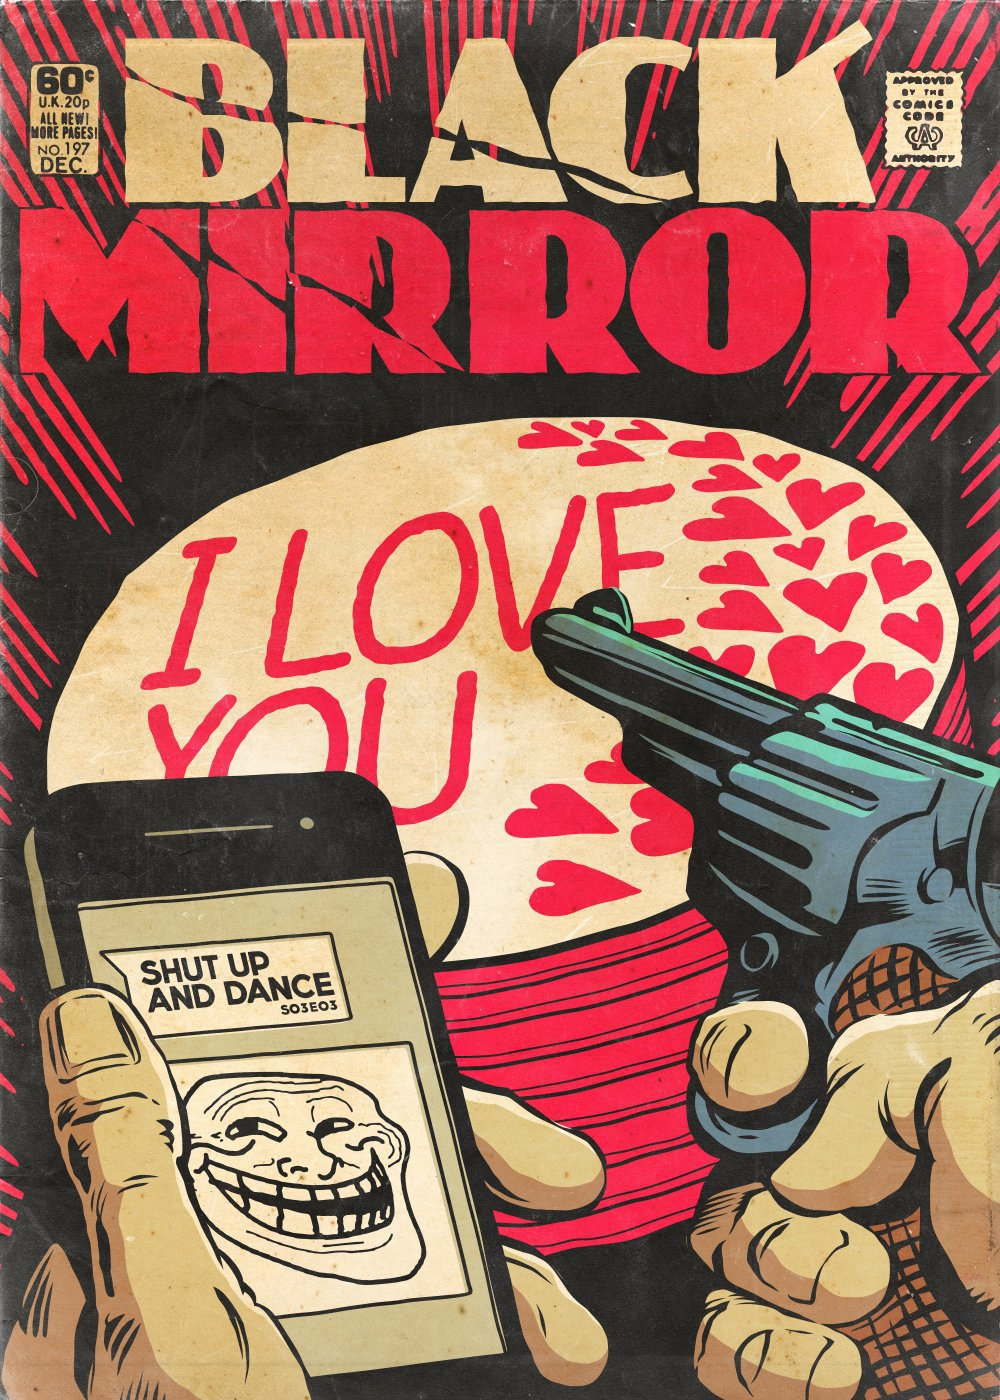 Comic Aun Book Cover Illustration Ver ~ Black mirror artista brasileiro está trabalhando na